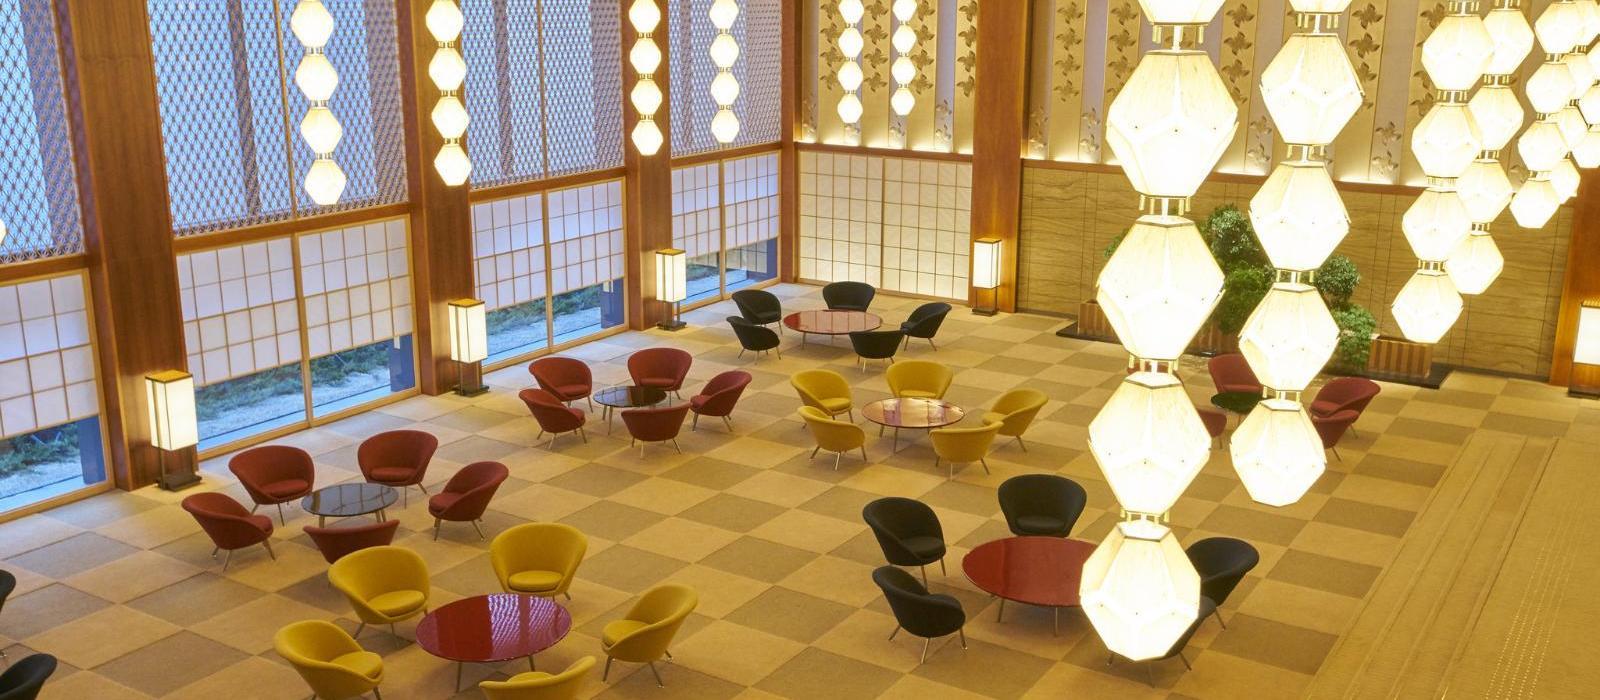 東京大倉飯店(The Okura Tokyo) 圖片  www.533304.buzz